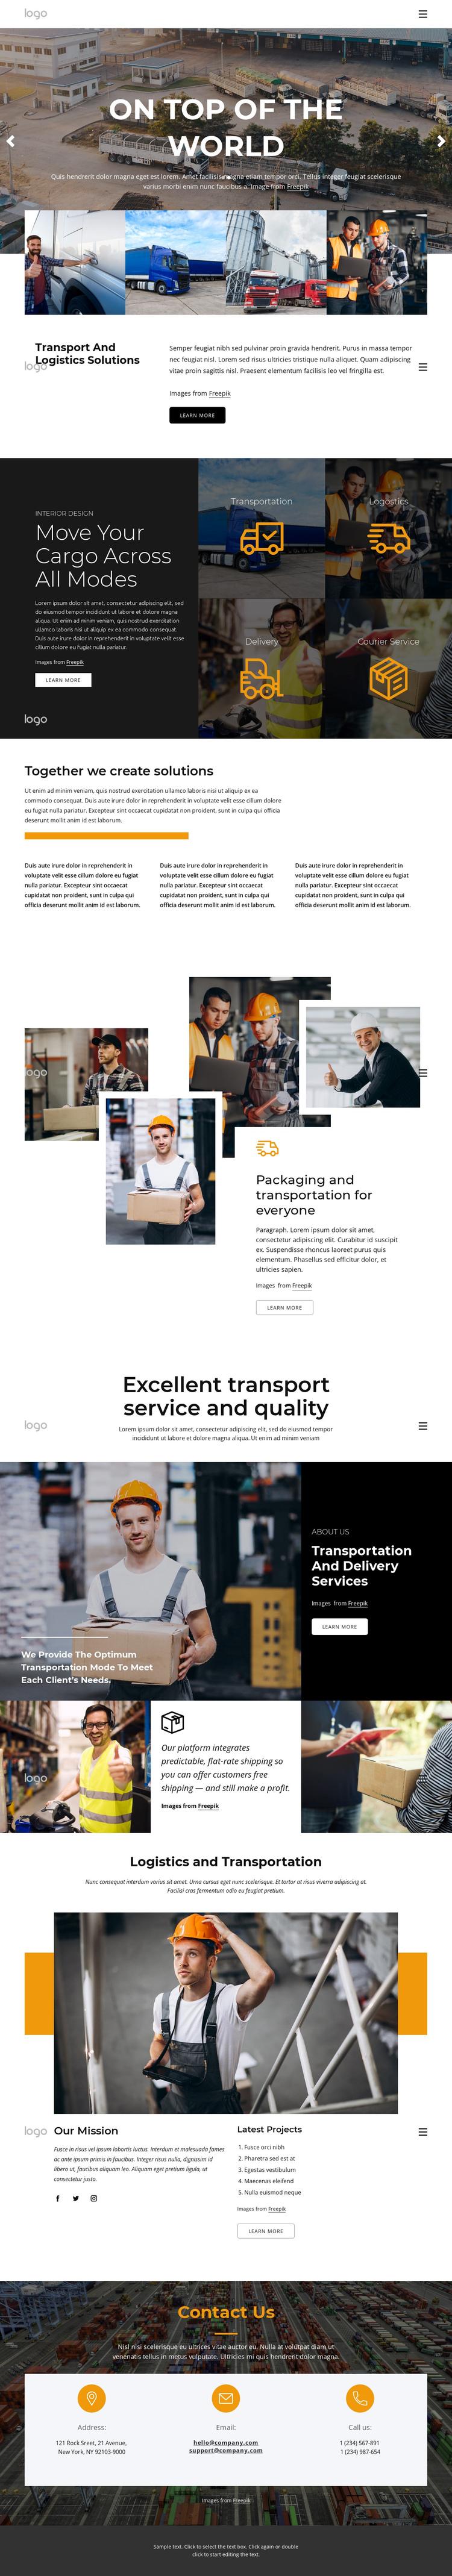 Transportation and logistics management Website Builder Software